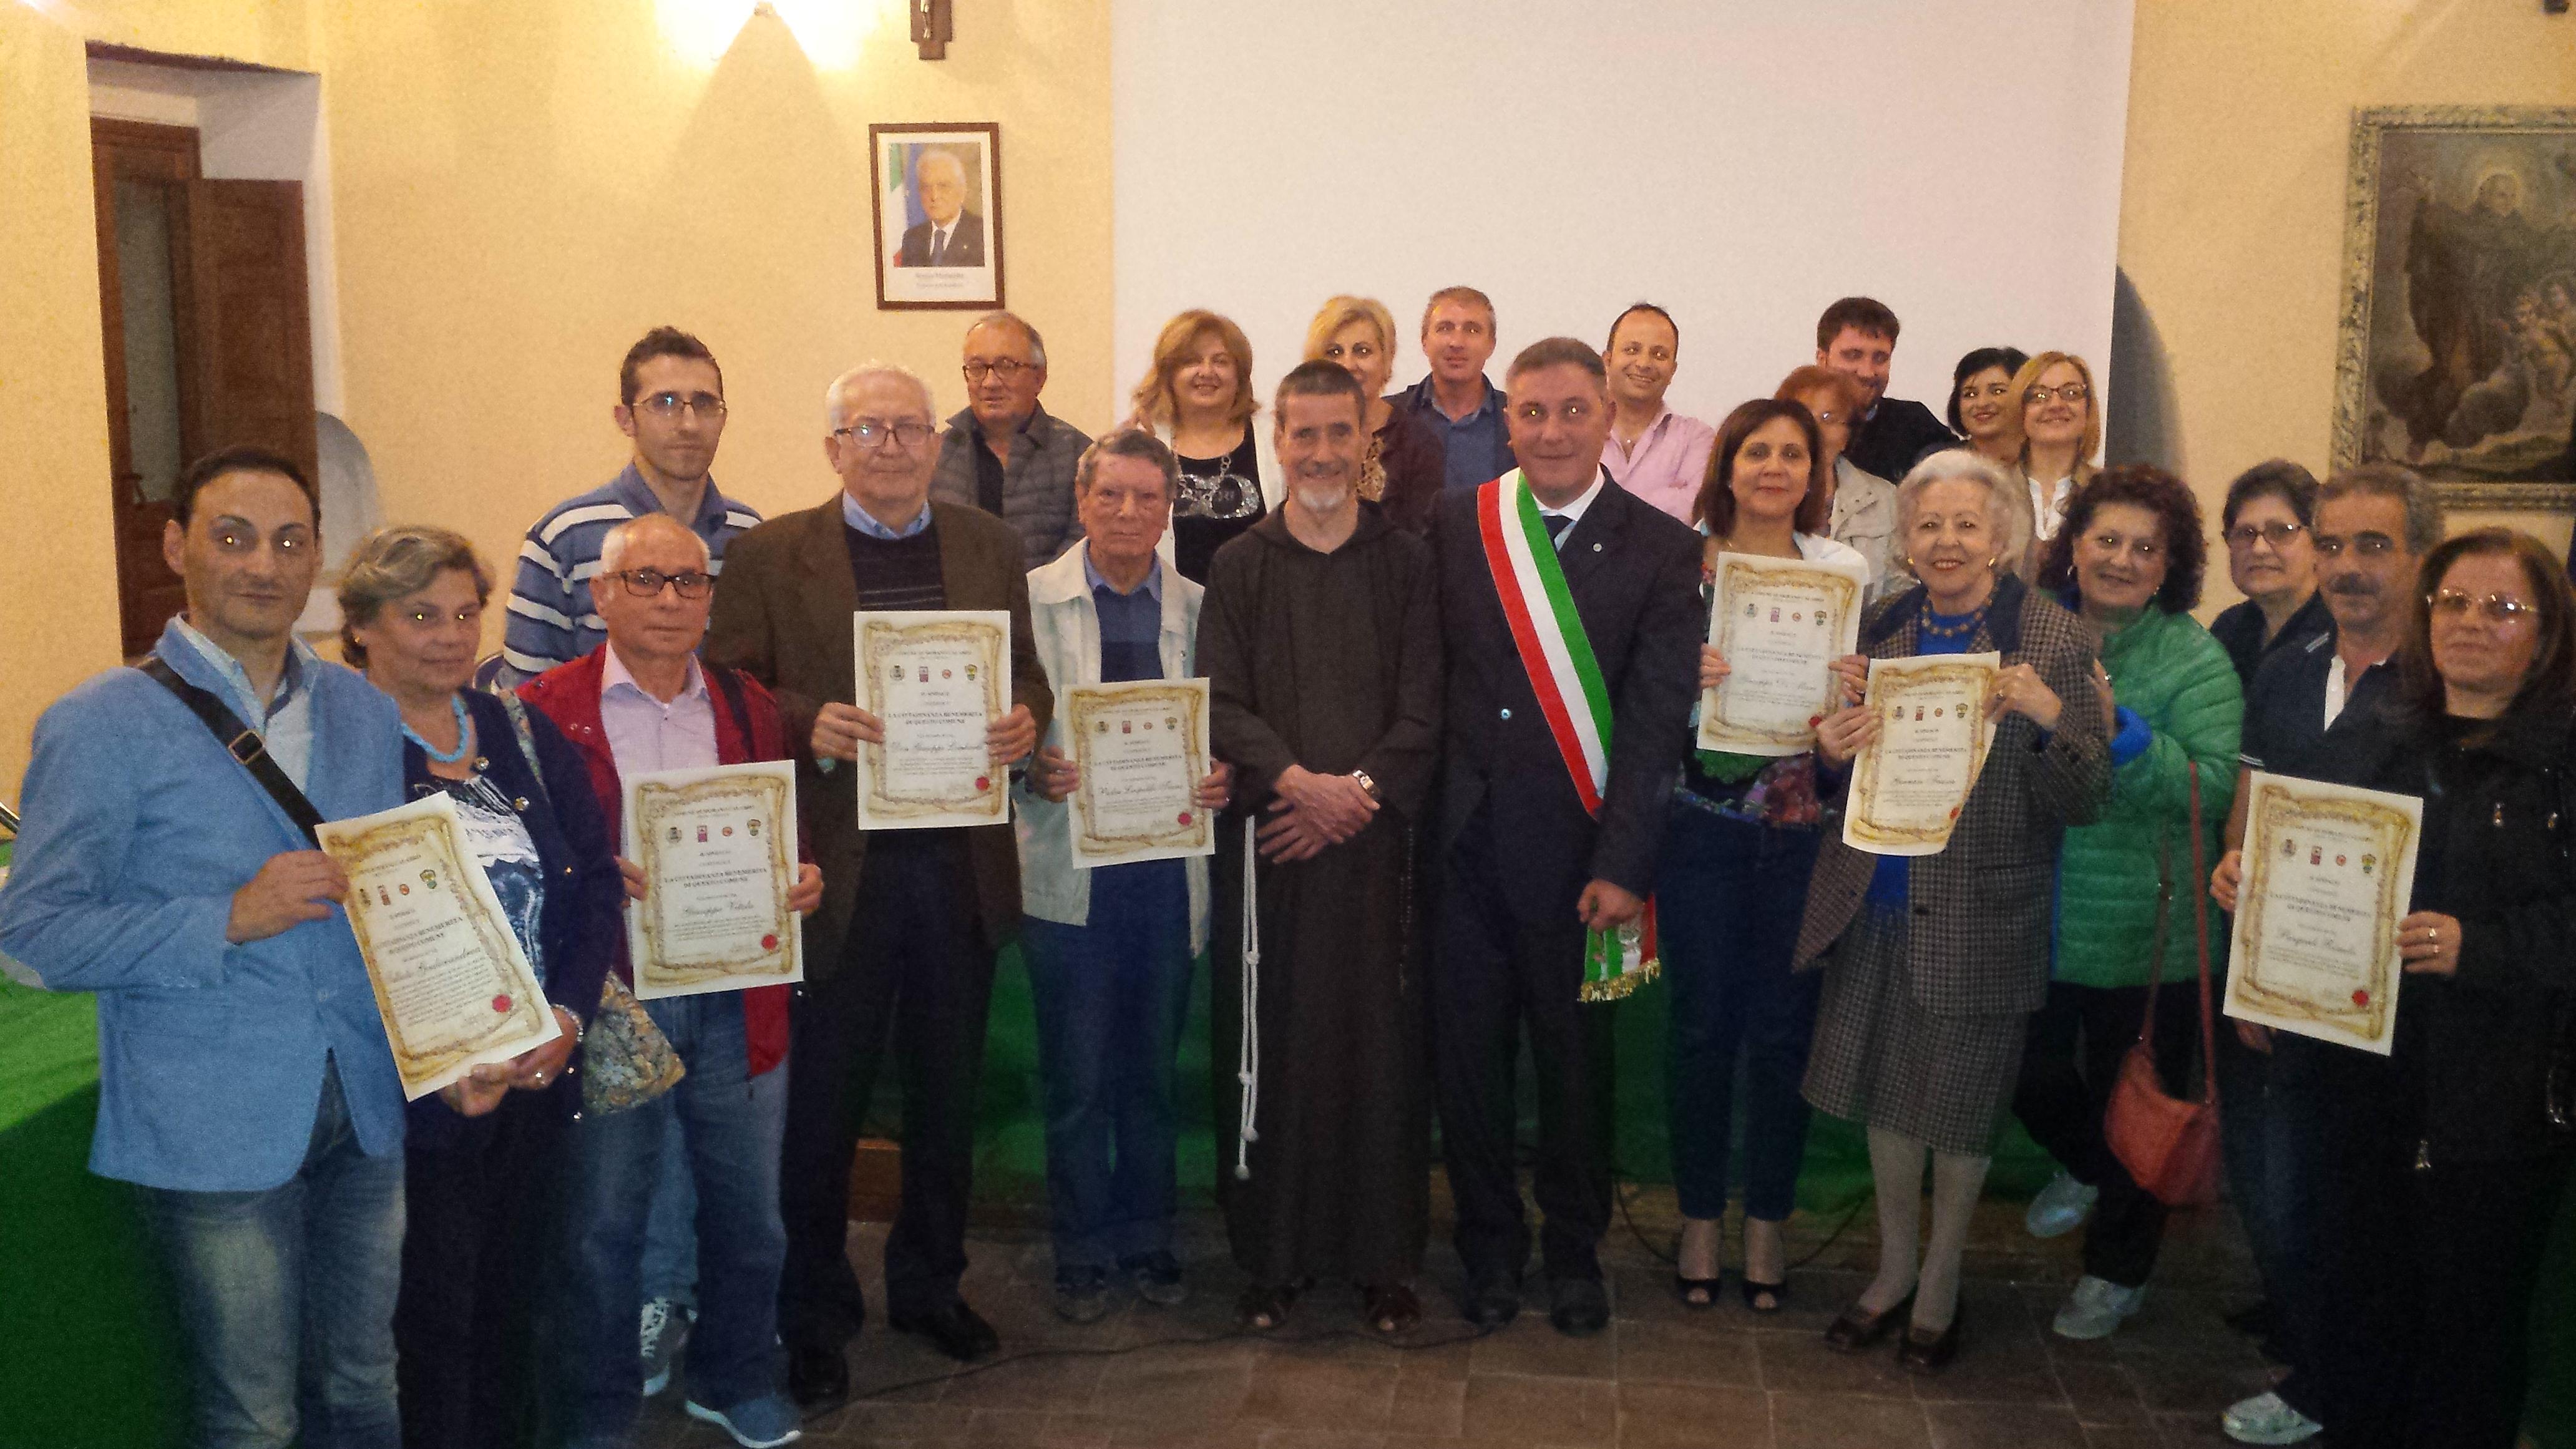 Morano Calabro (Cs) - Conferite benemerenze a nove (con)cittadini